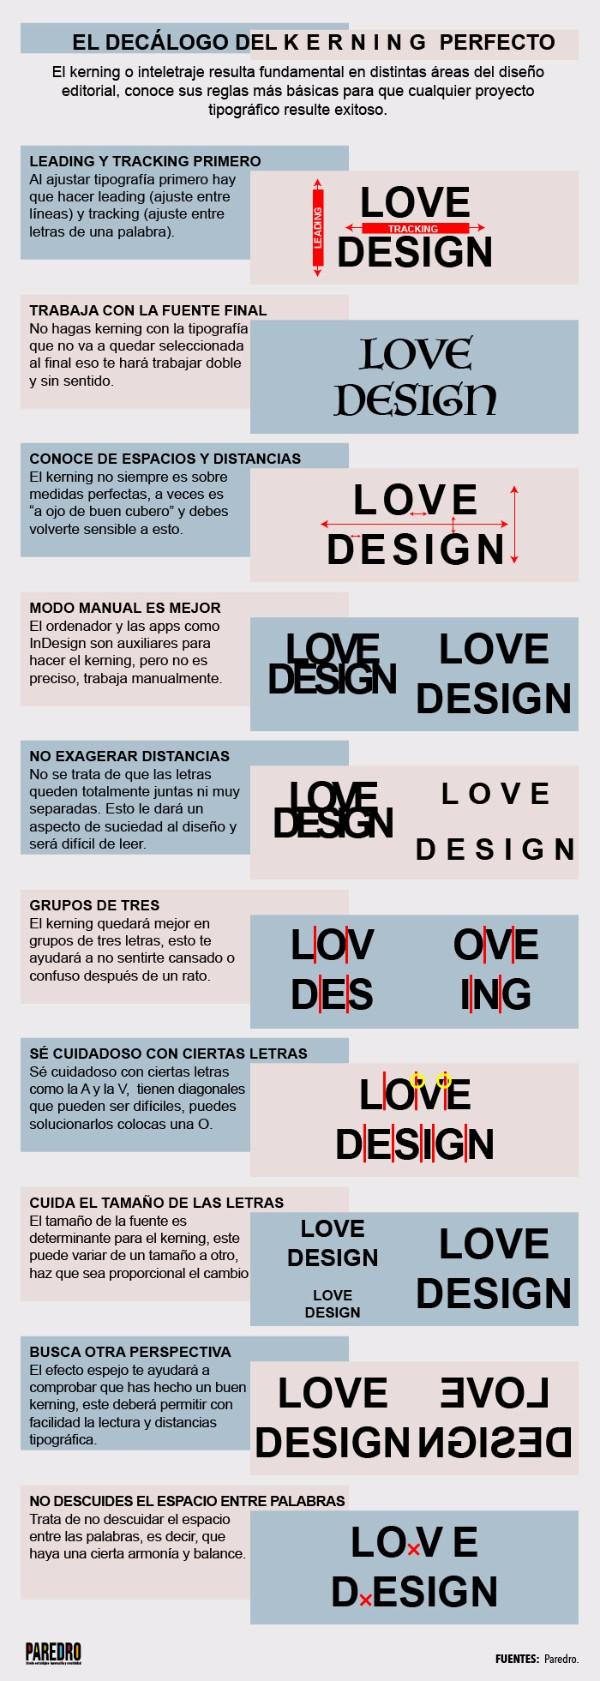 Infografía: el decálogo para un kerning perfecto | paredro.com